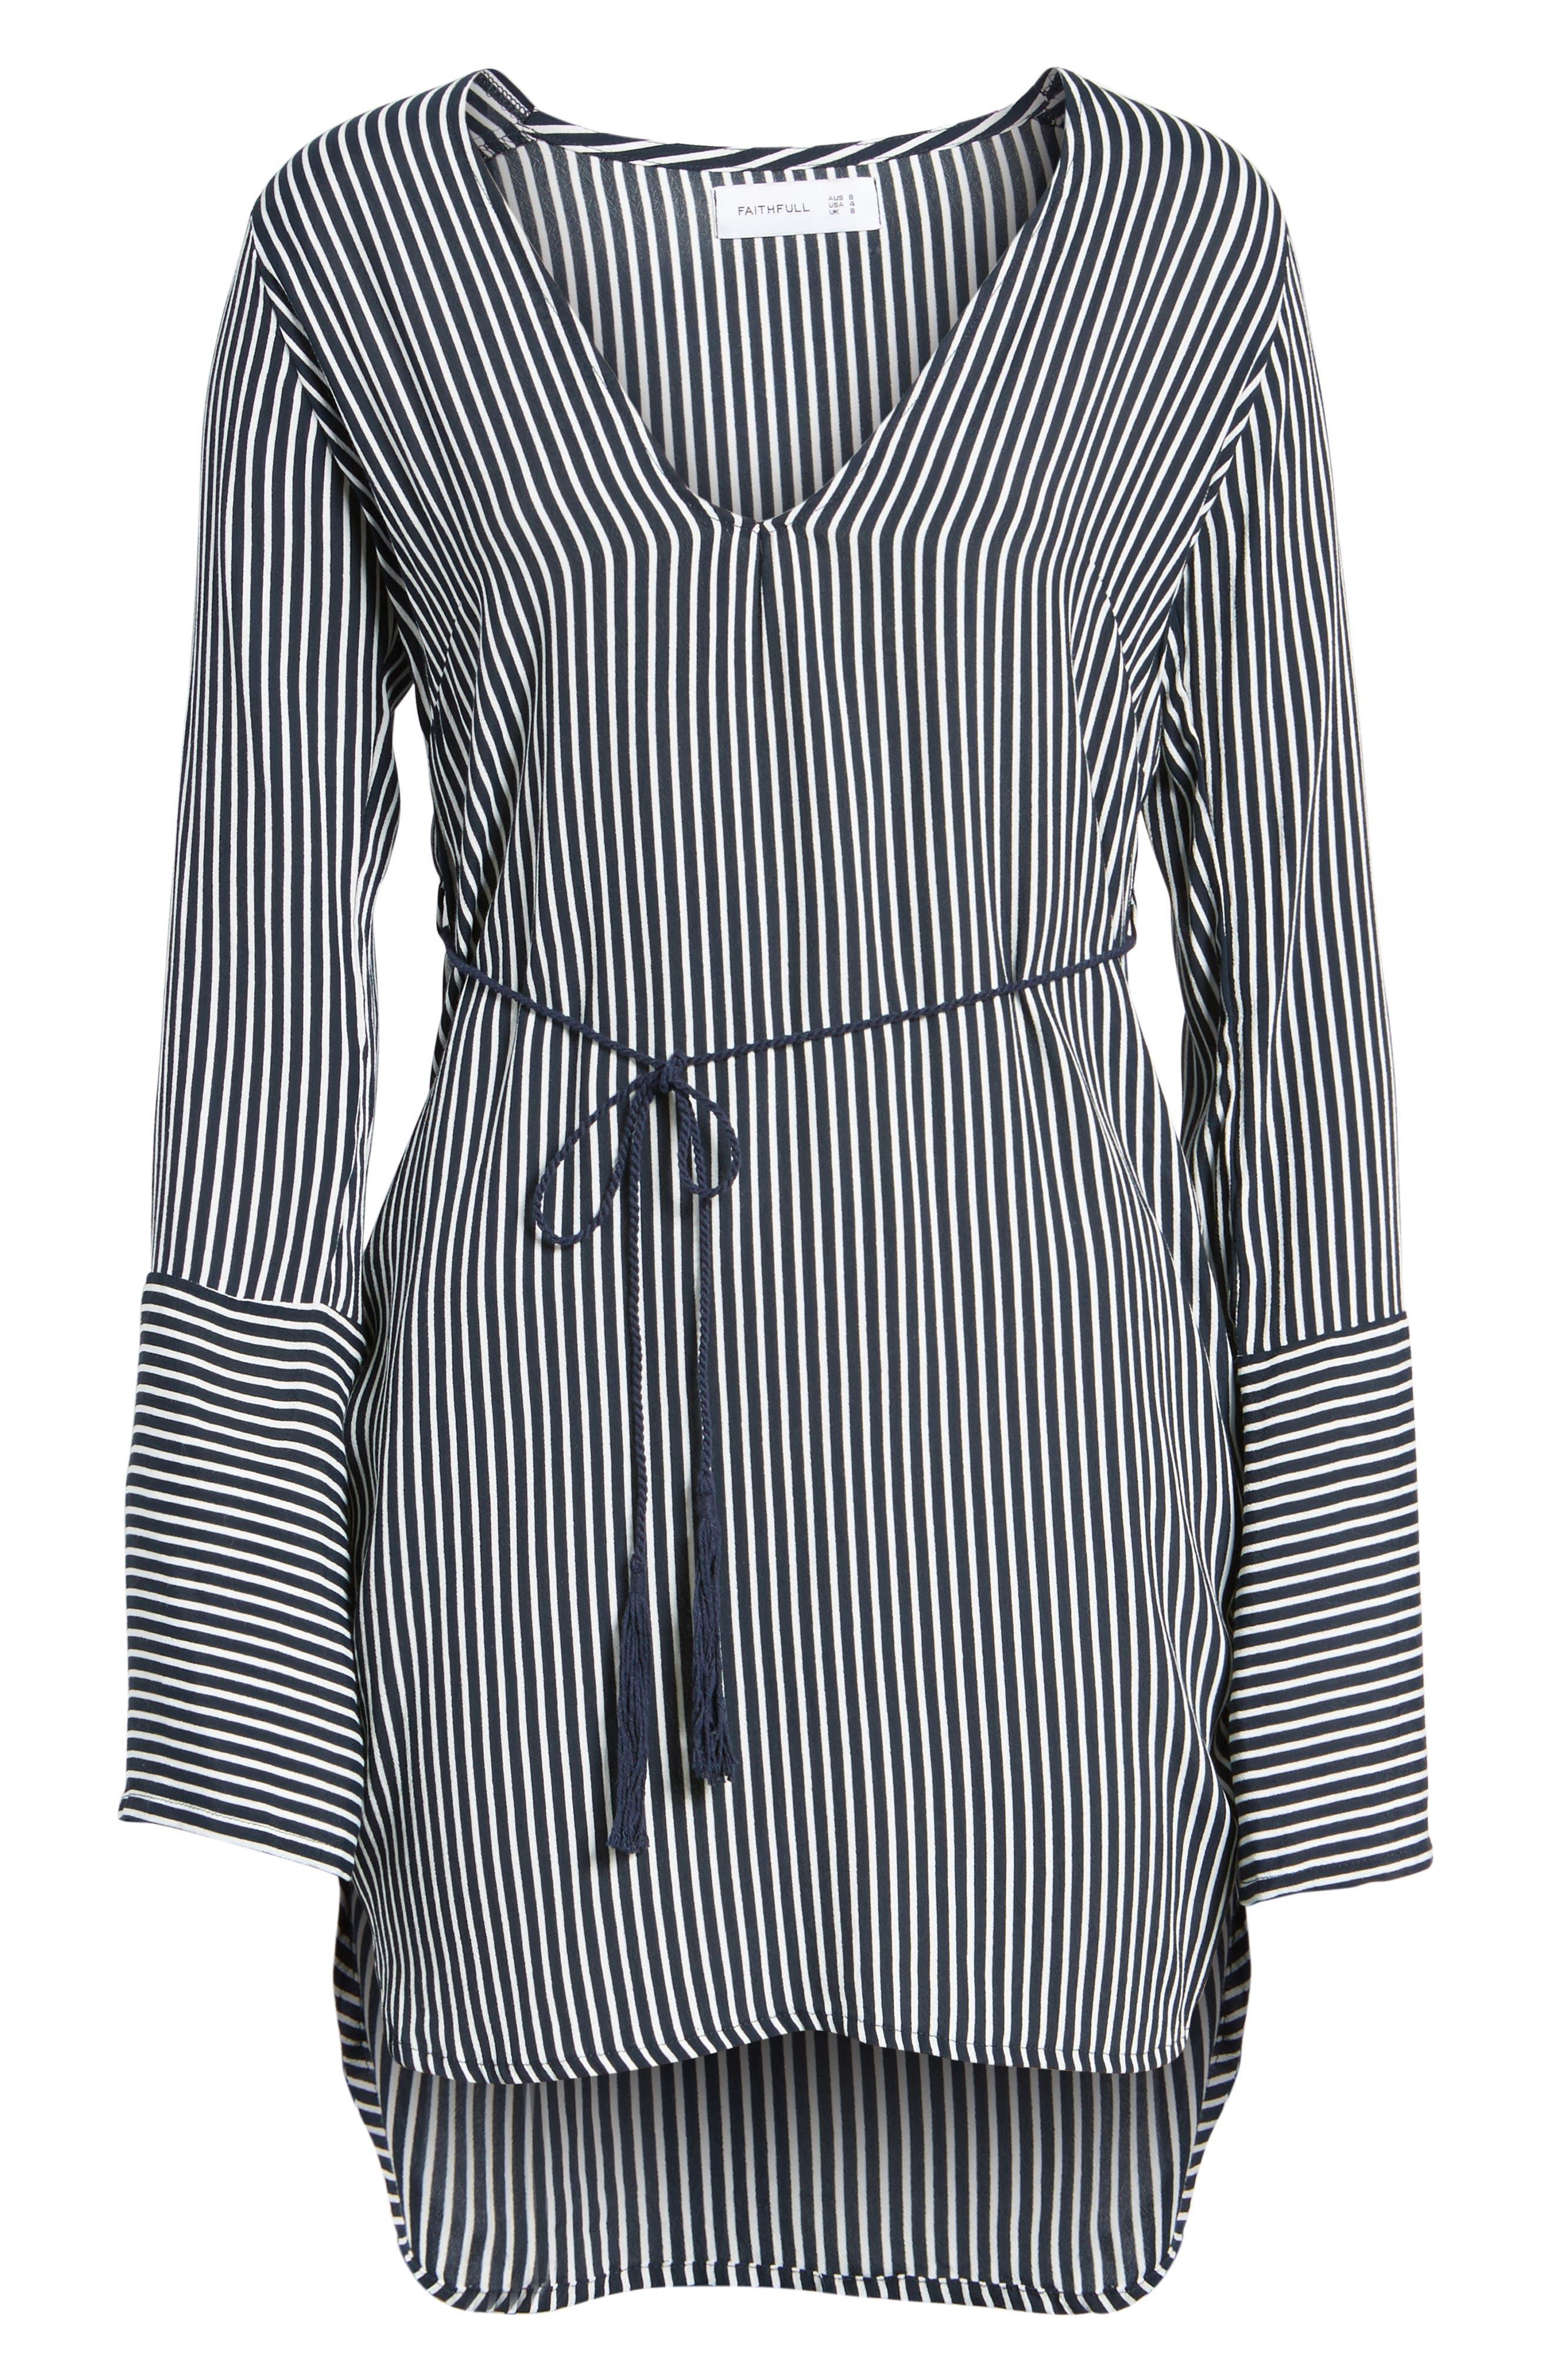 Neroli Stripe Dress,                             Alternate thumbnail 7, color,                             400